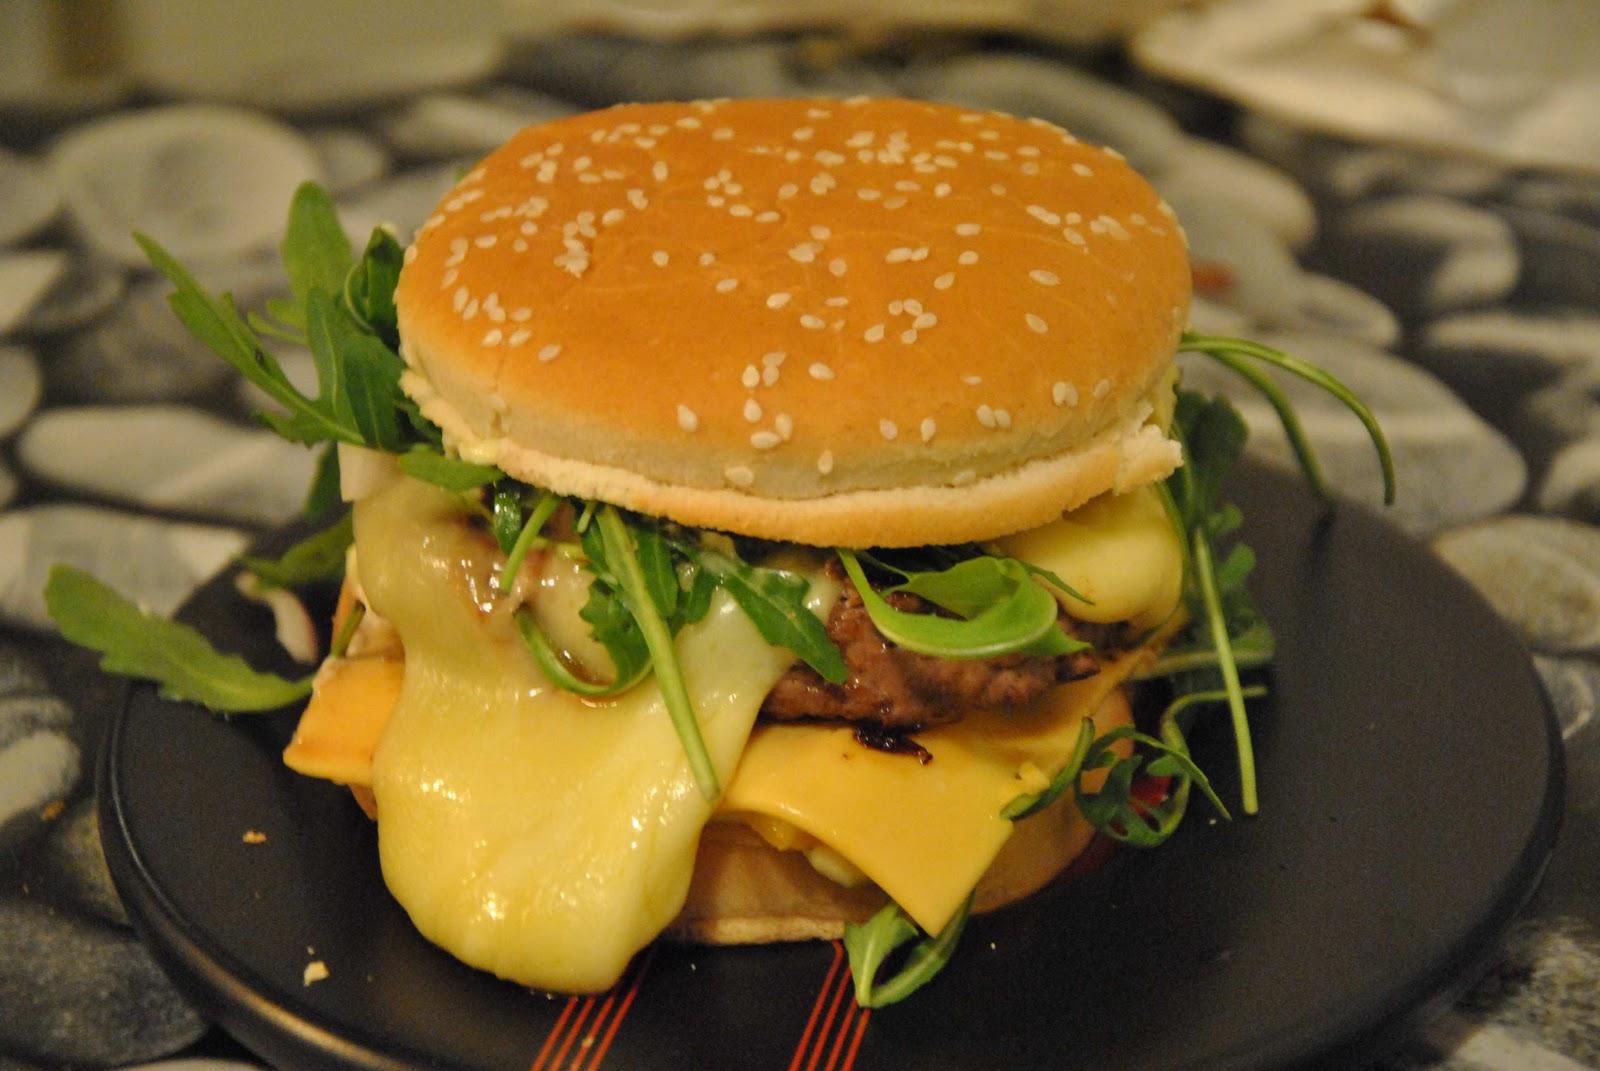 tambouille et bagatelle hamburger maison p 39 tit clin d 39 oeil jojo. Black Bedroom Furniture Sets. Home Design Ideas